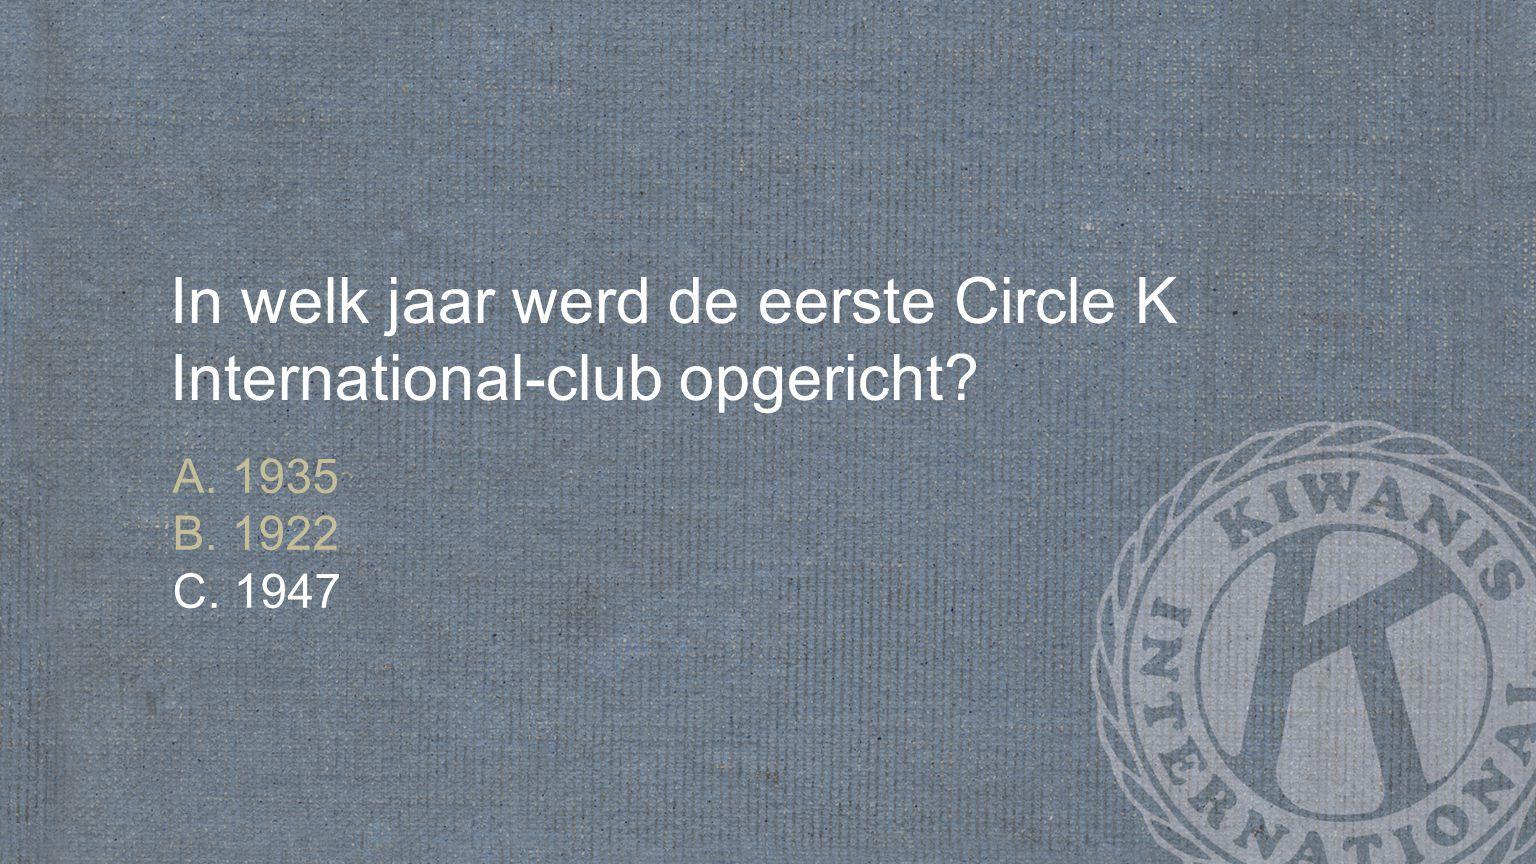 In welk jaar werd de eerste Circle K International-club opgericht A. 1935 B. 1922 C. 1947